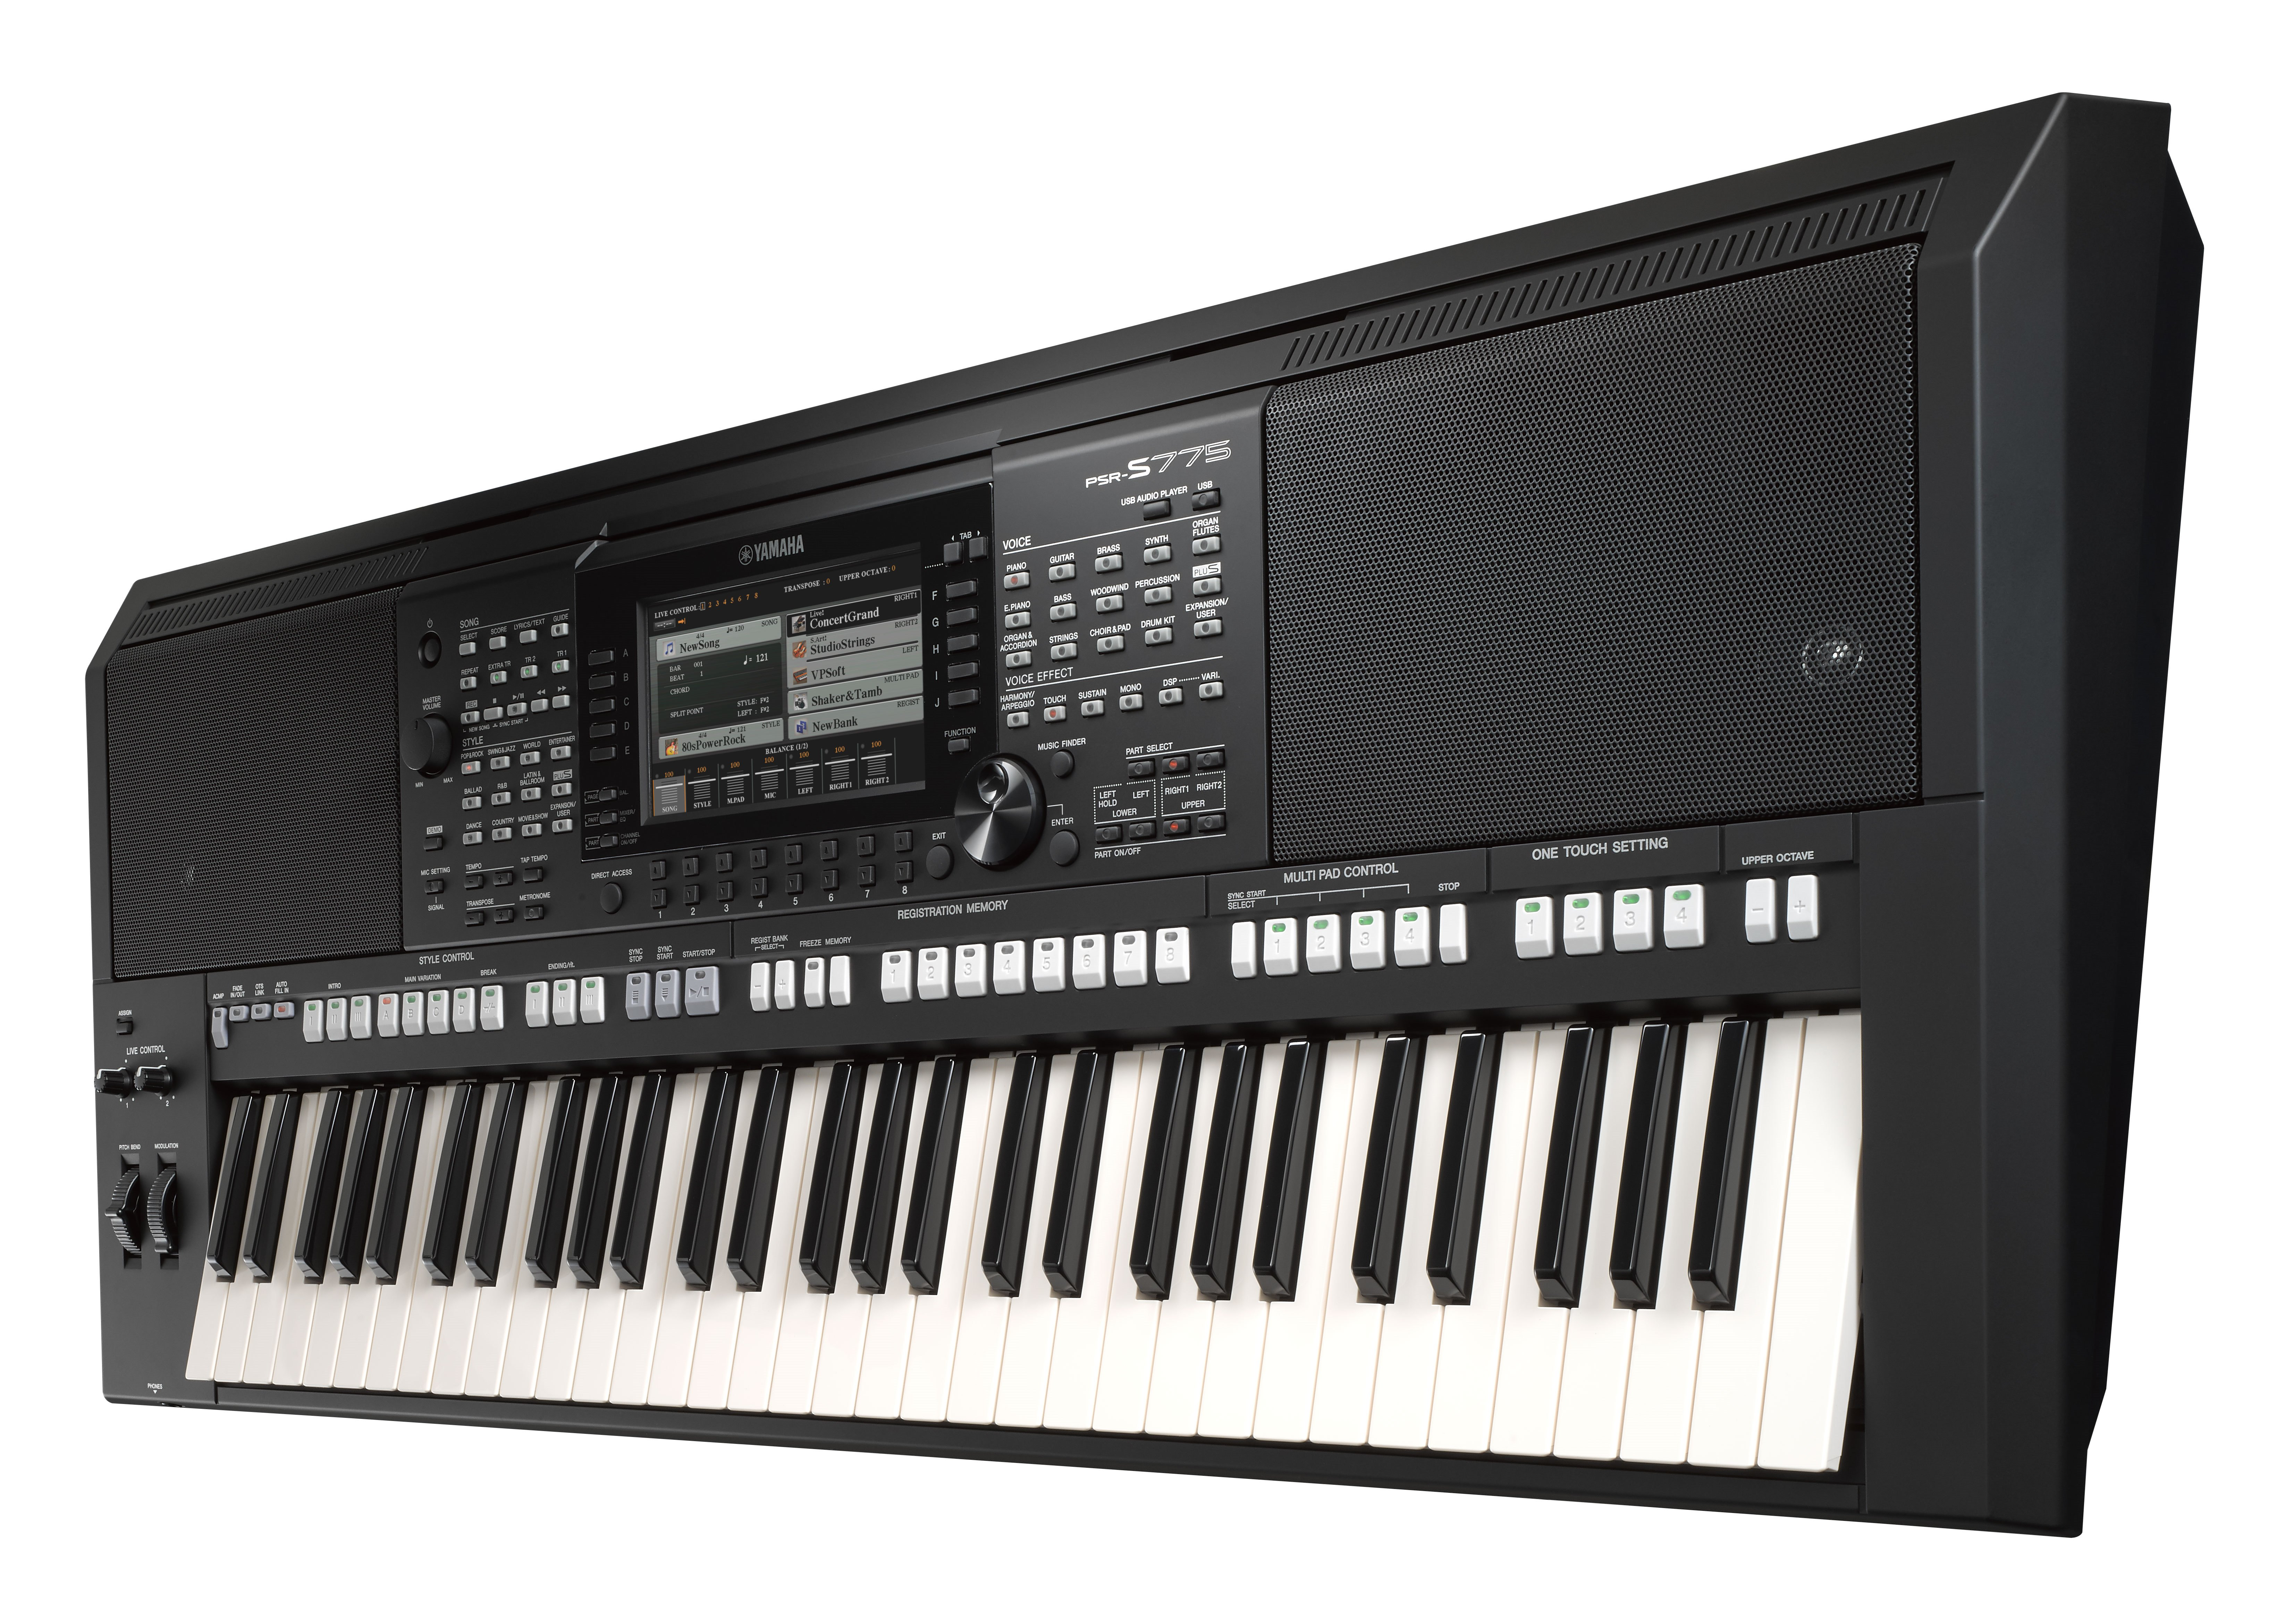 PSR-S775 - Yamaha Expansion Manager - Digital and Arranger